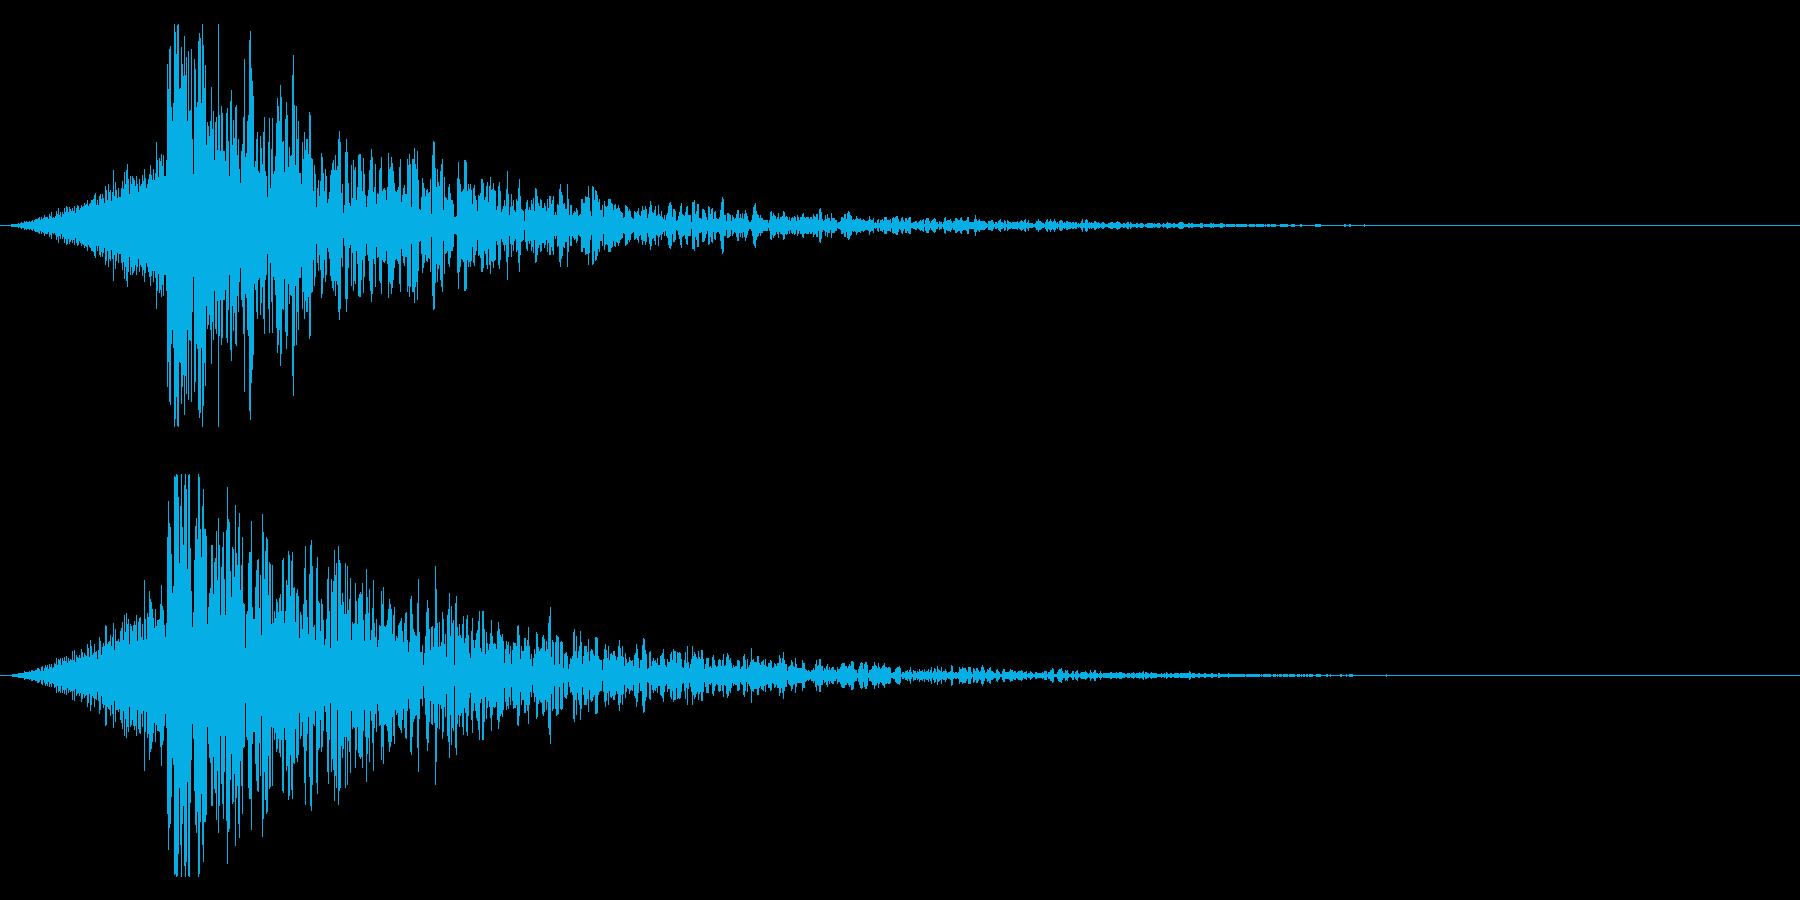 シュードーン-22-4(インパクト音)の再生済みの波形